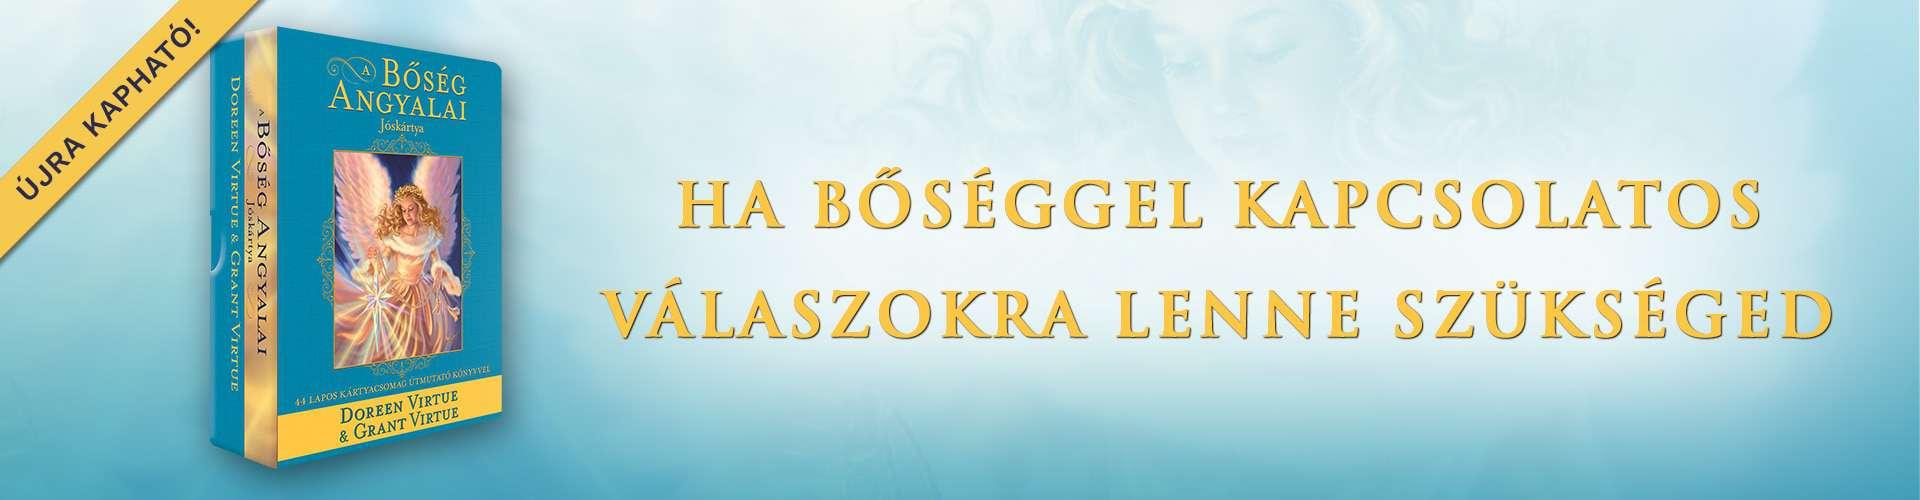 a-boseg-angyalai-fejlec